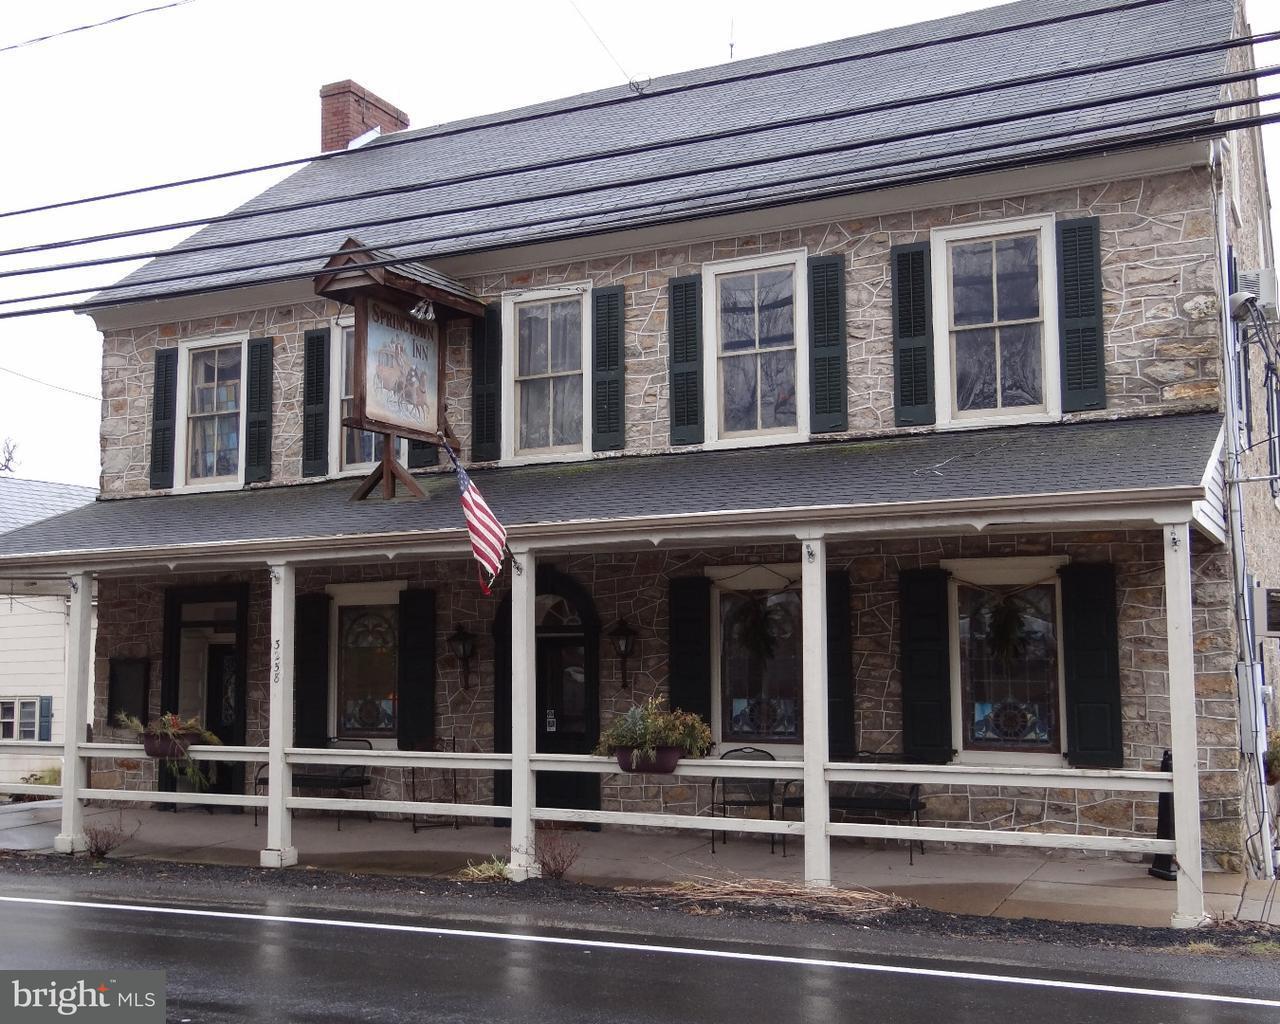 단독 가정 주택 용 매매 에 3258 ROUTE 412 Hellertown, 펜실바니아 18055 미국